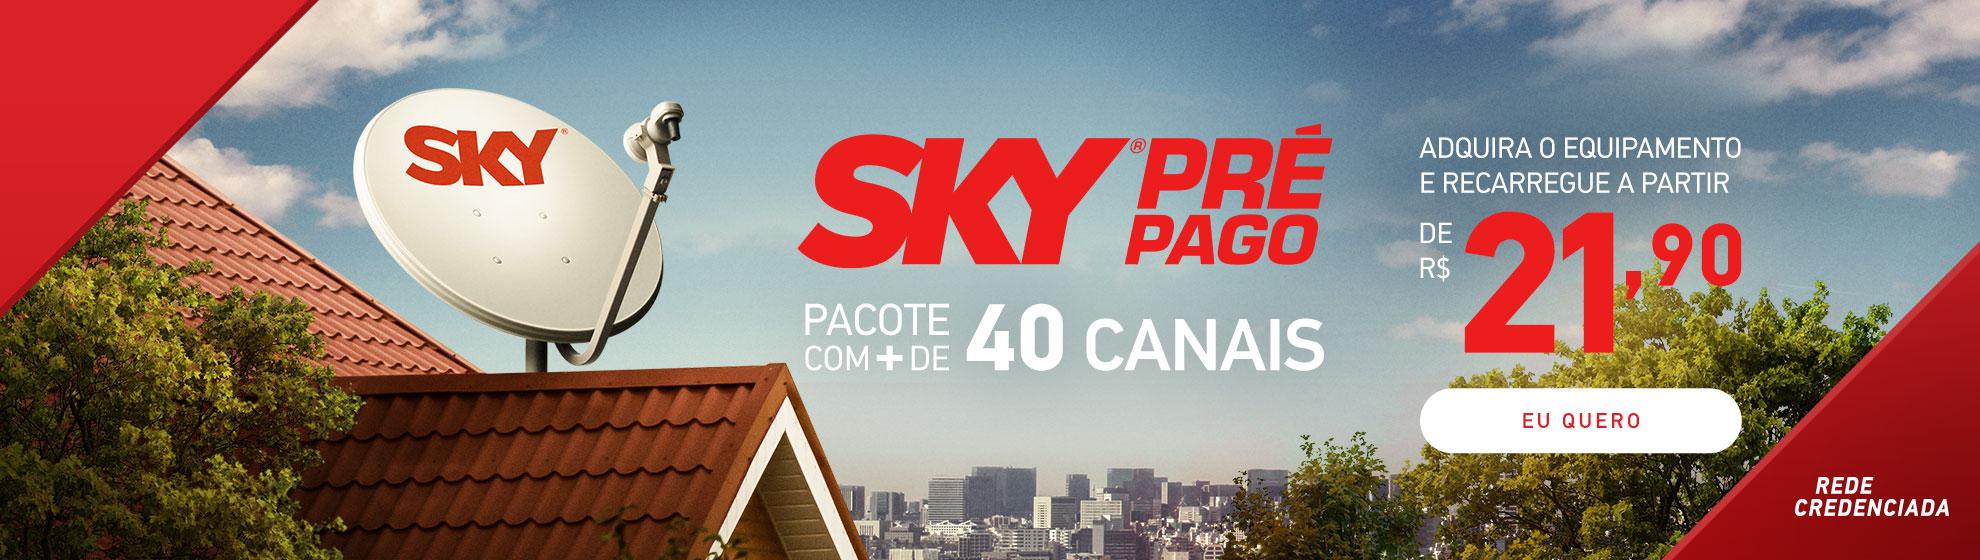 Equipamento Pré Pago - SKY TV